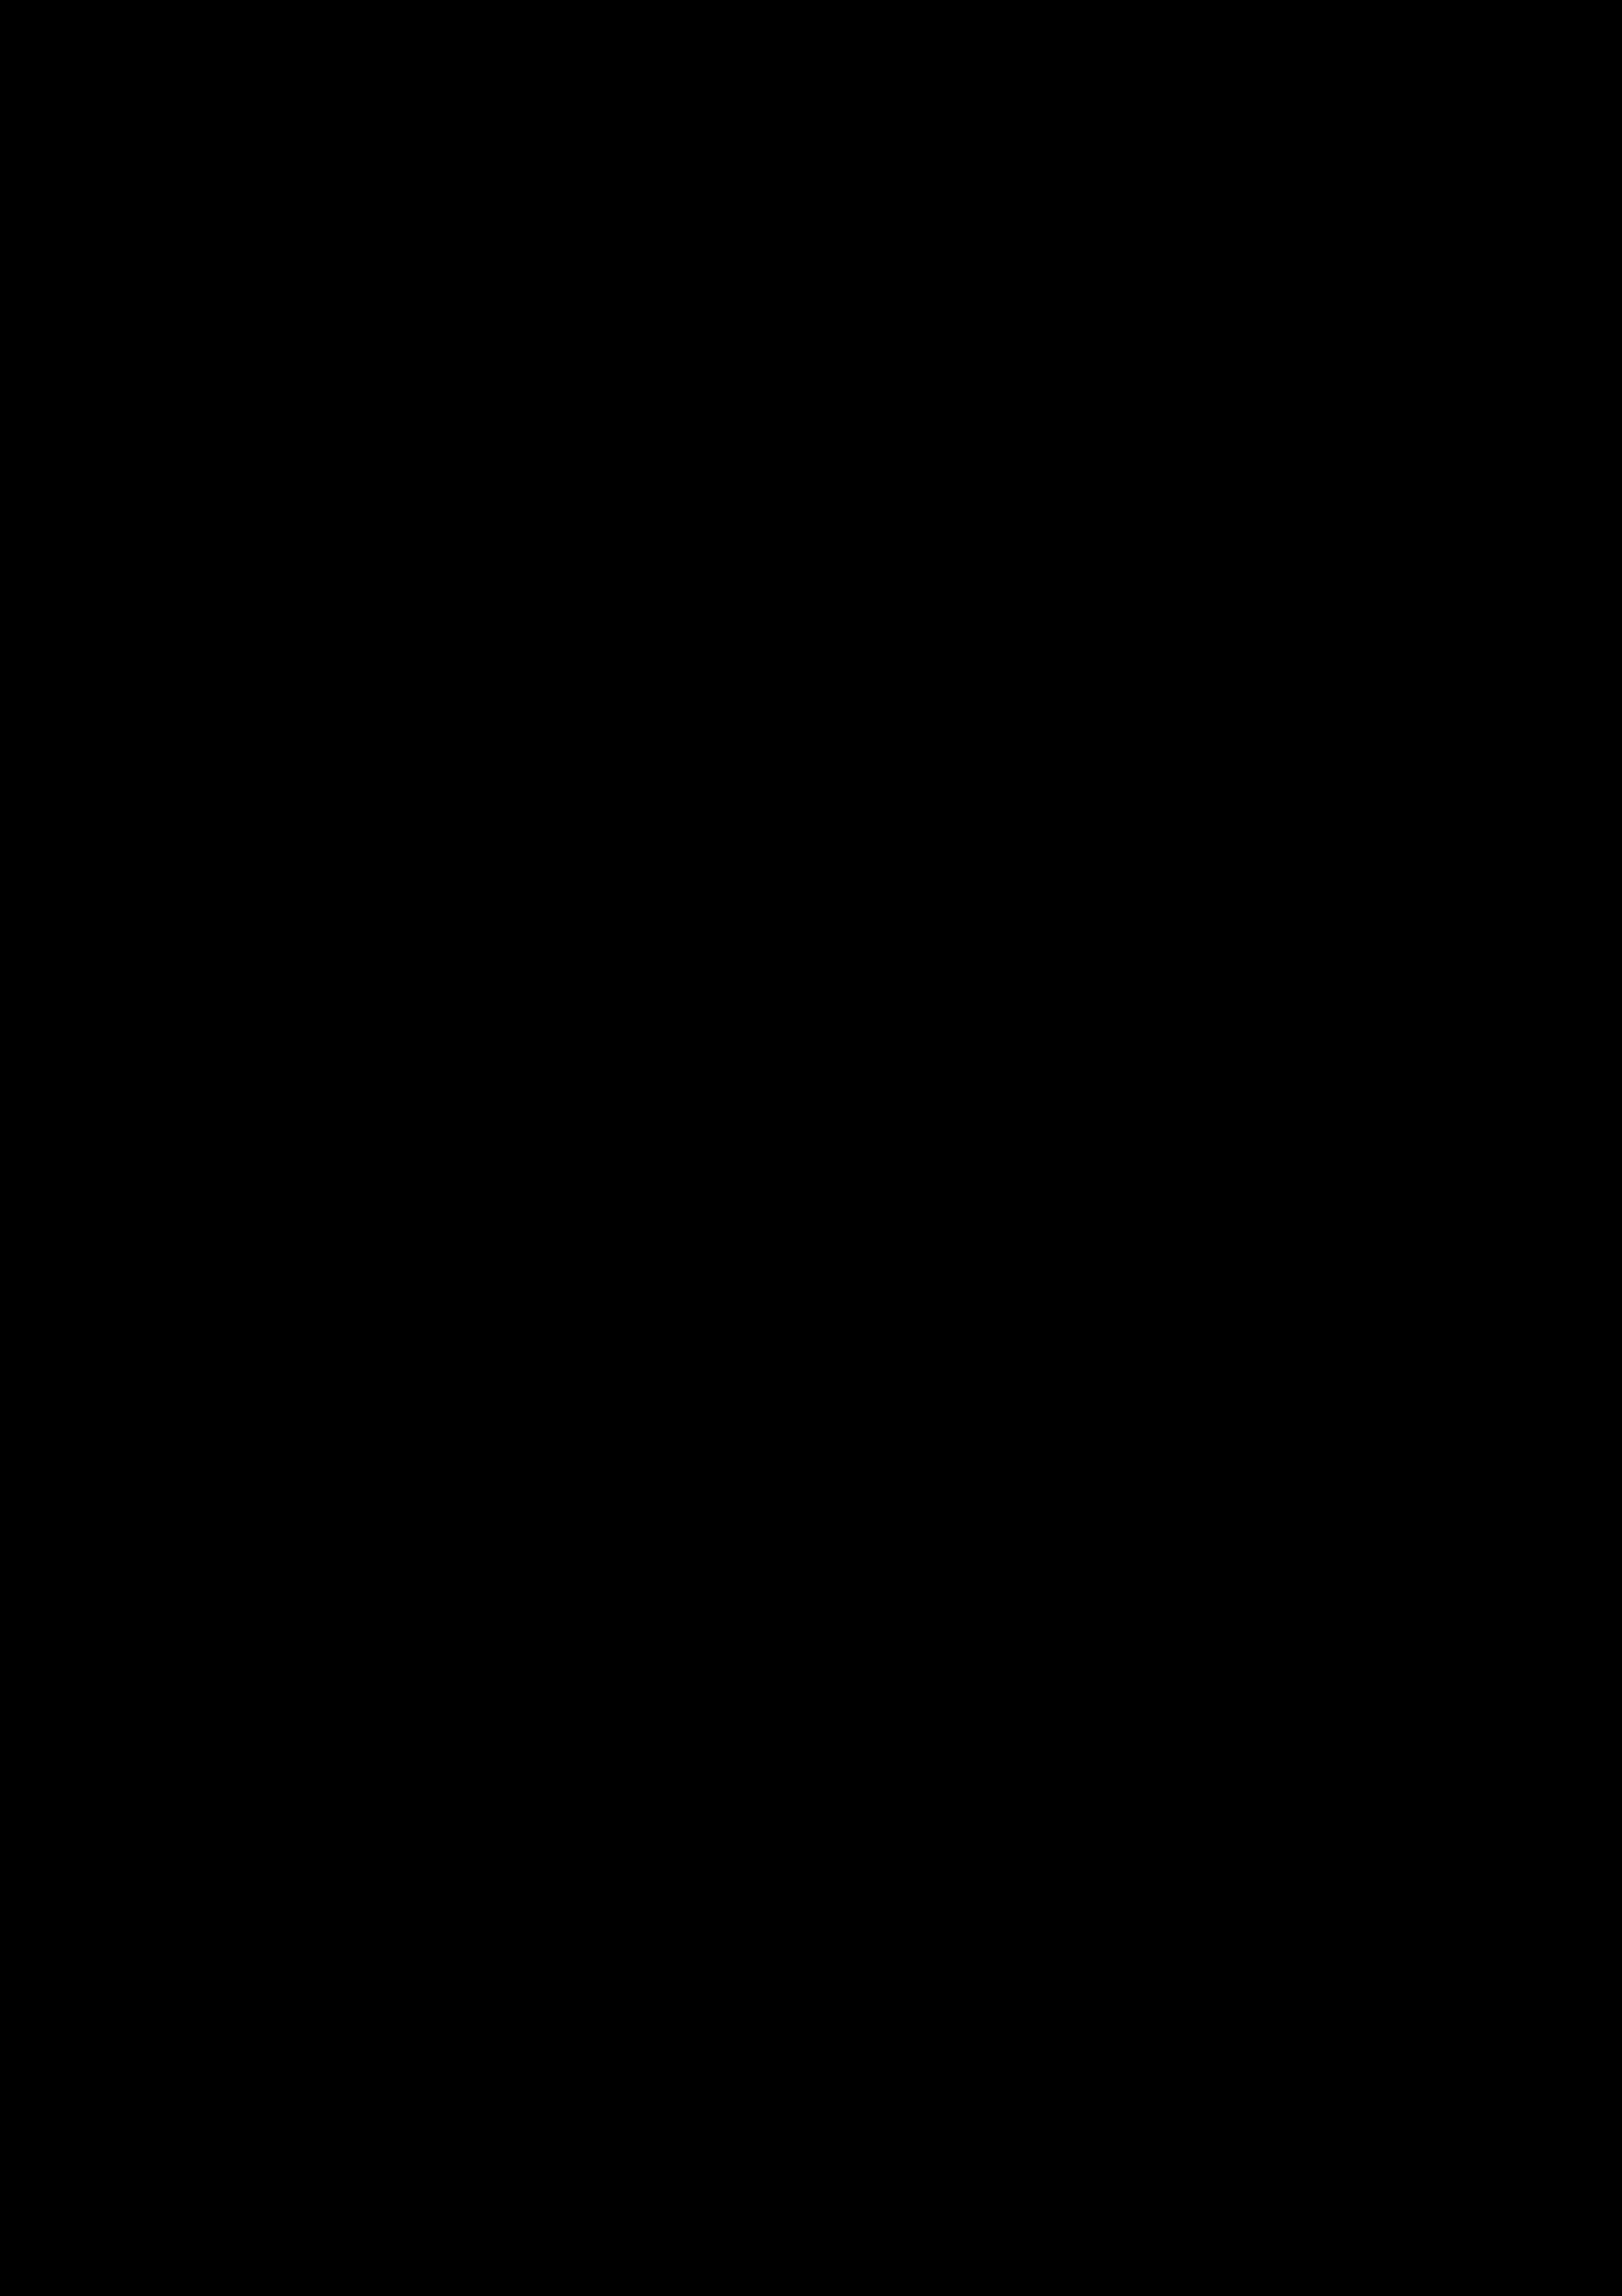 BALTIC NEOPOLIS VIRTUOSI / Tallinna Kammermuusika Festival